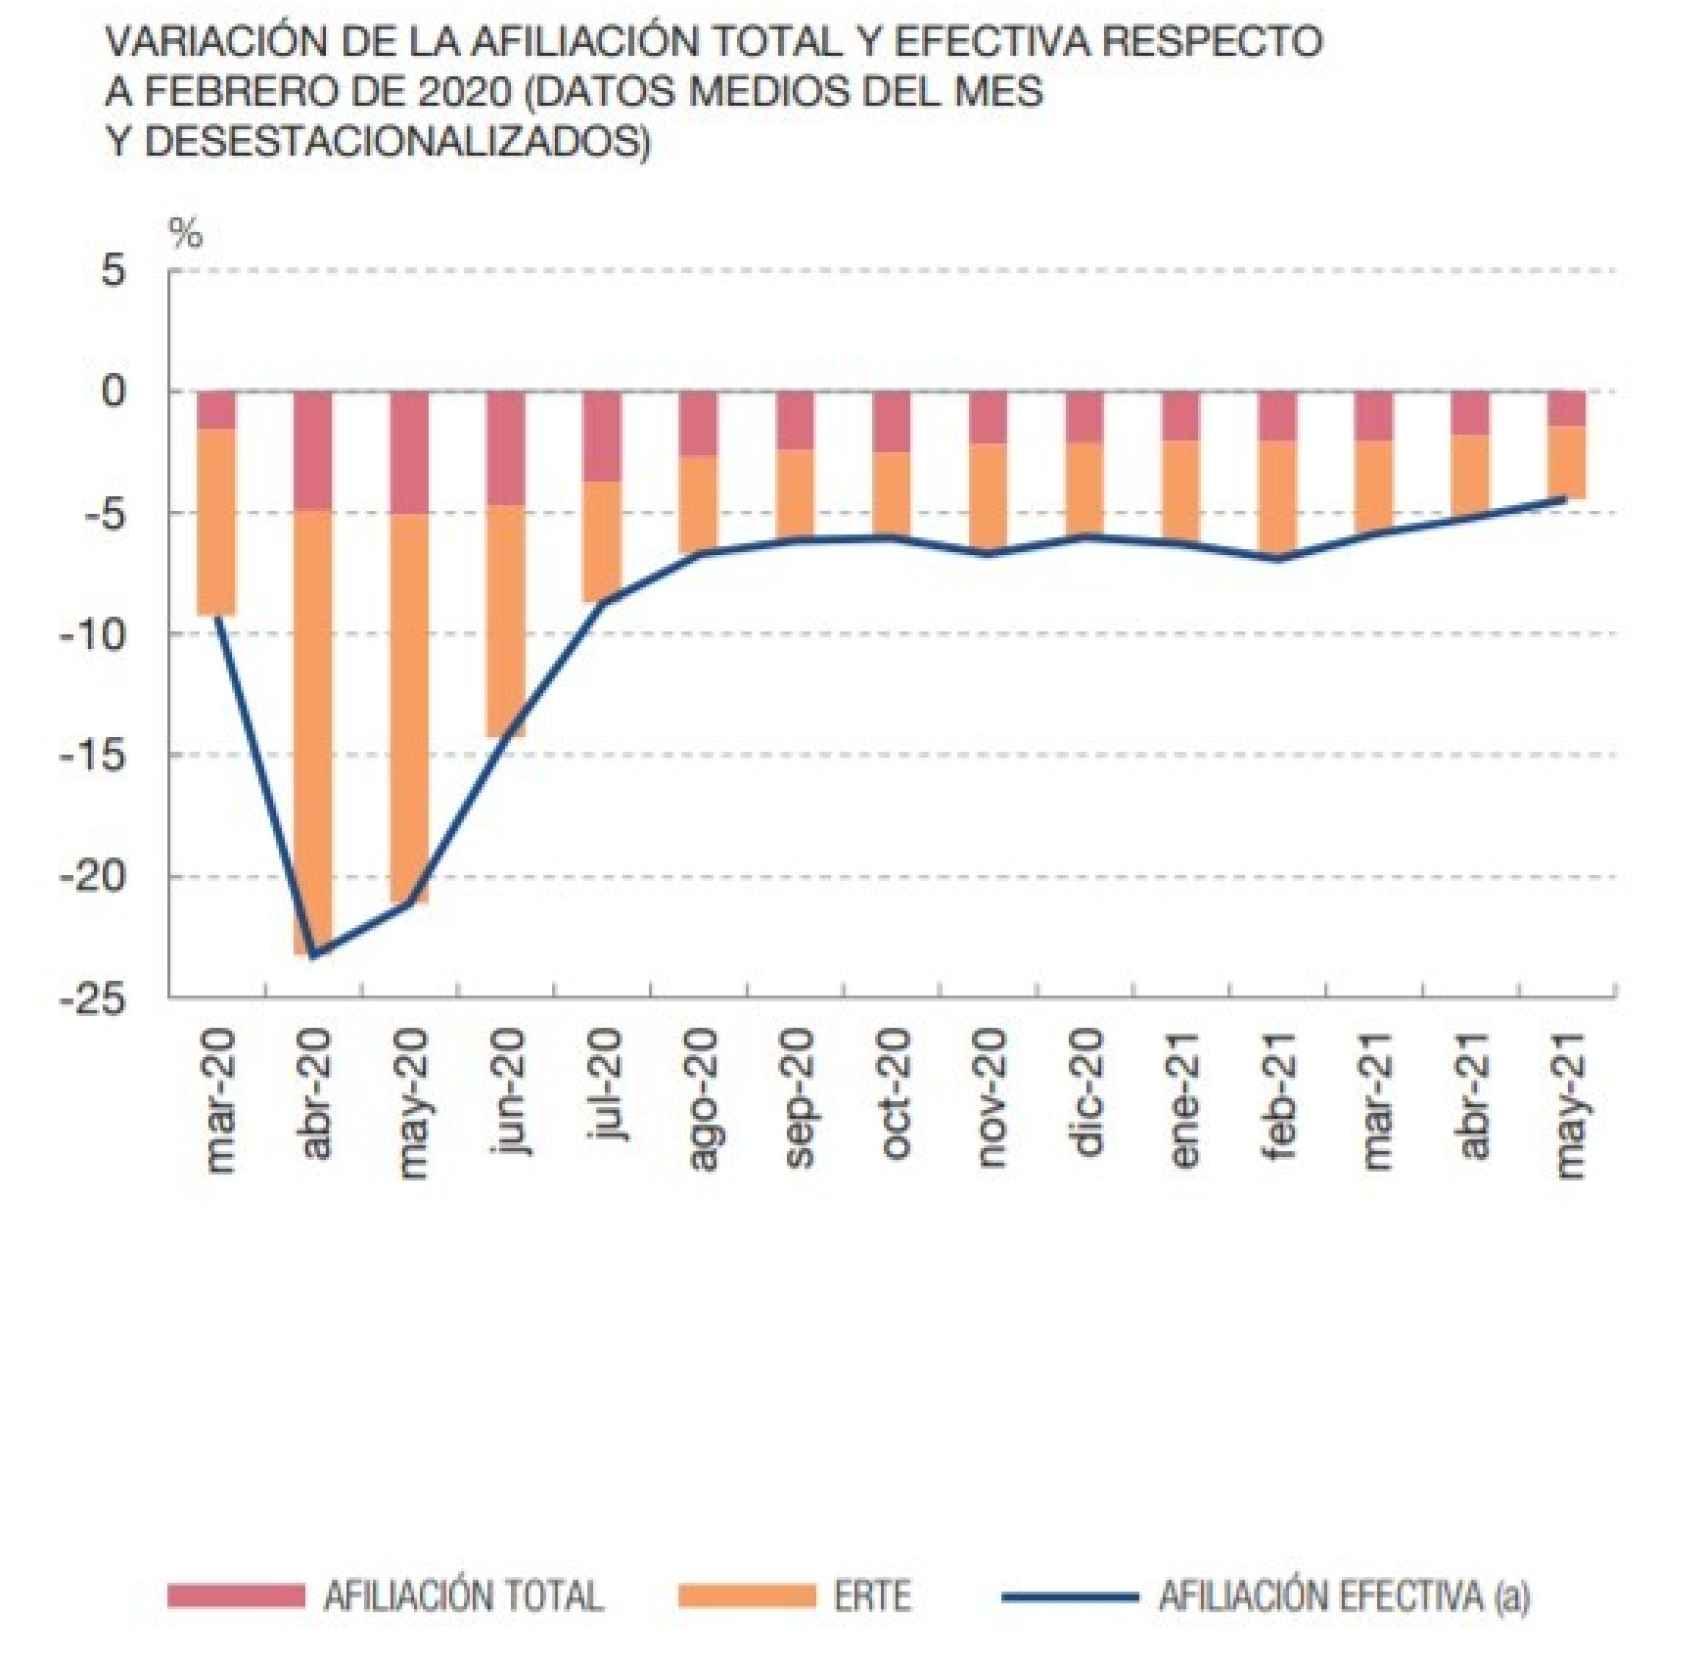 Fuente: Banco de España y Ministerio de Inclusión, Seguridad Social y Migraciones.